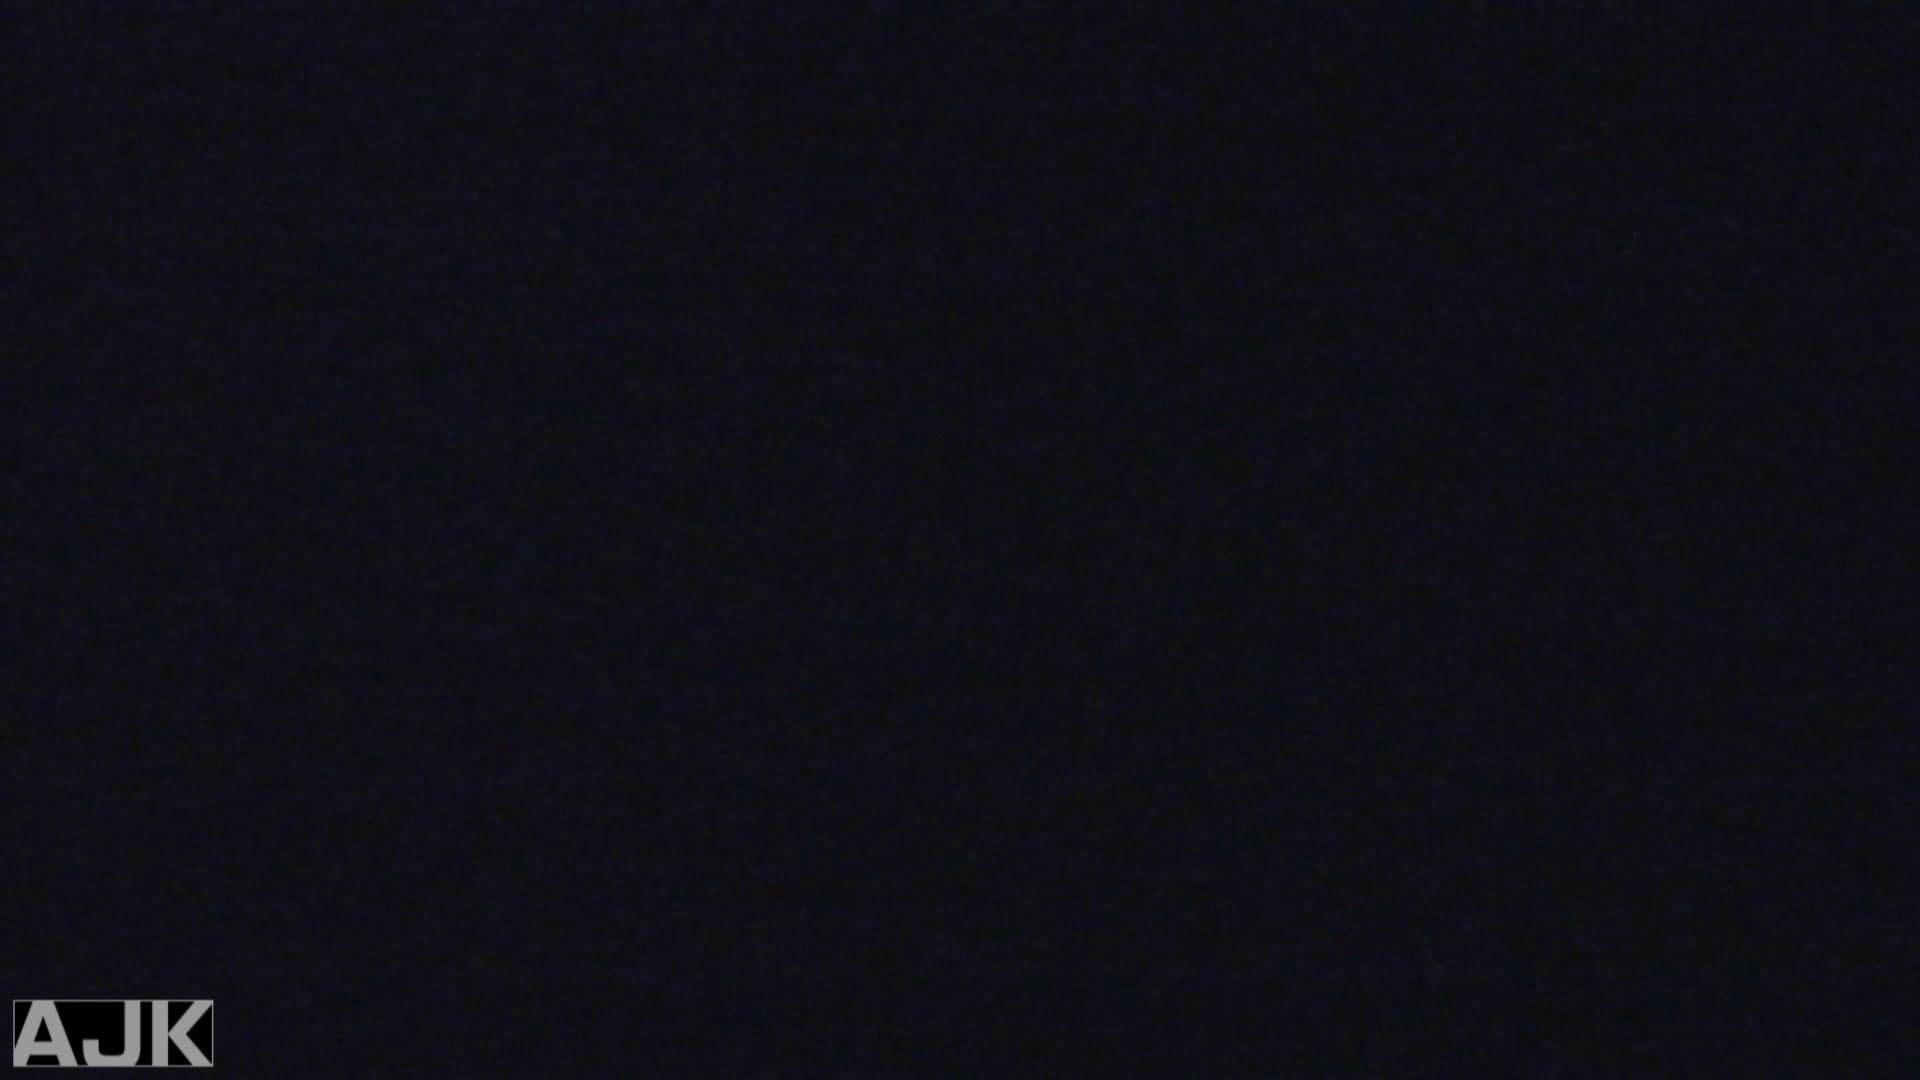 神降臨!史上最強の潜入かわや! vol.22 オマンコ 盗撮セックス無修正動画無料 98連発 34